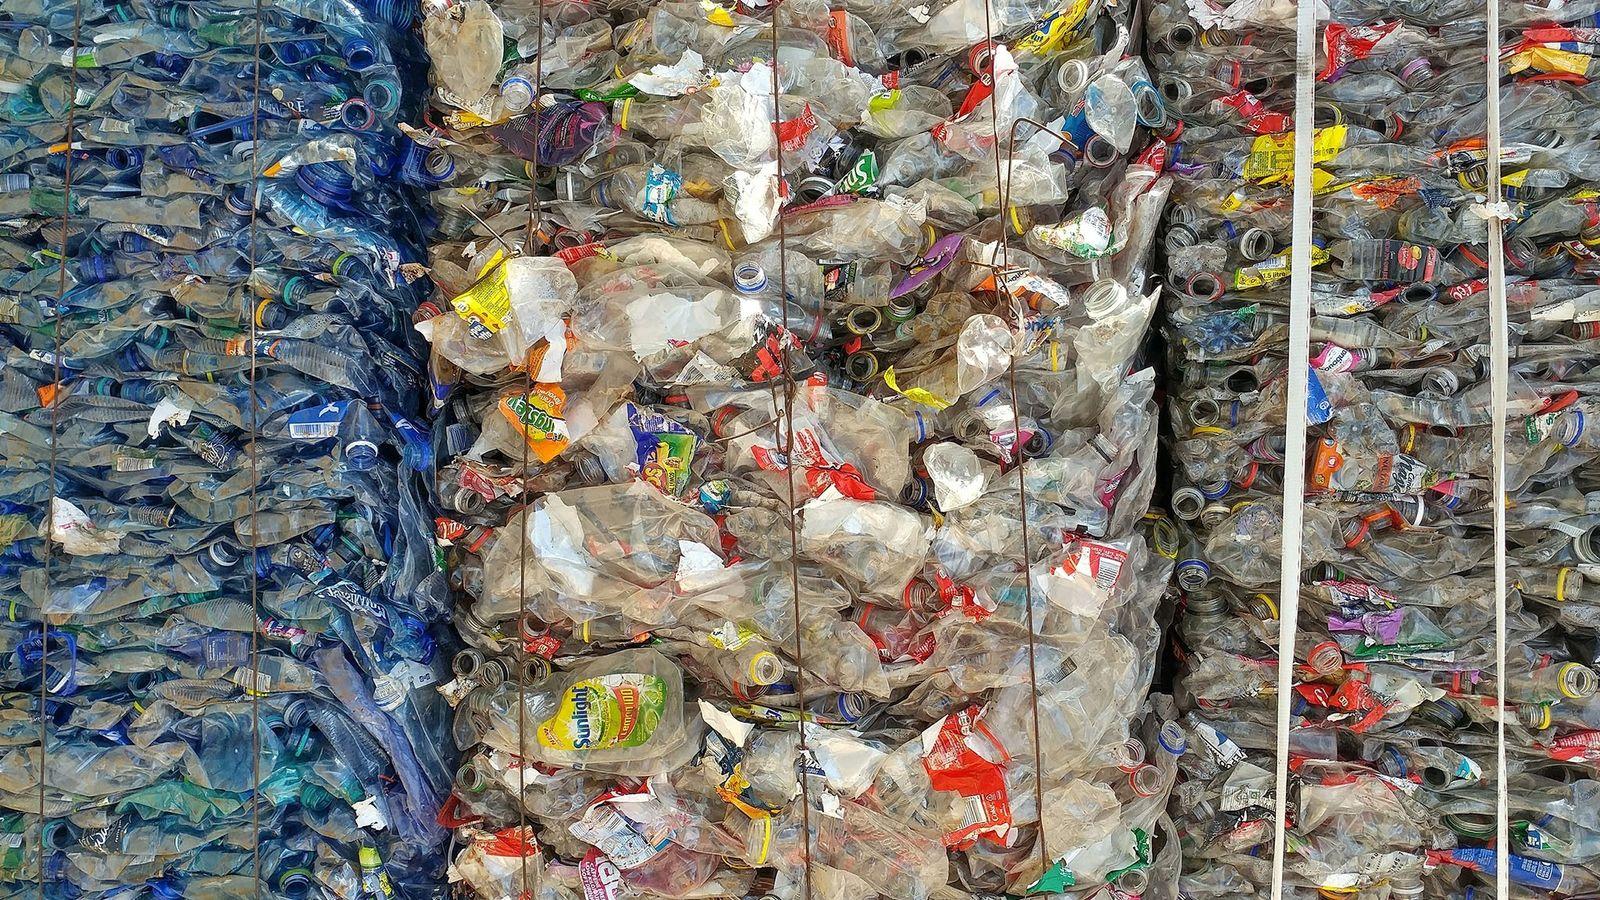 Aquí, el plástico se embala para el reciclaje. La mayor parte de este material había sido ...